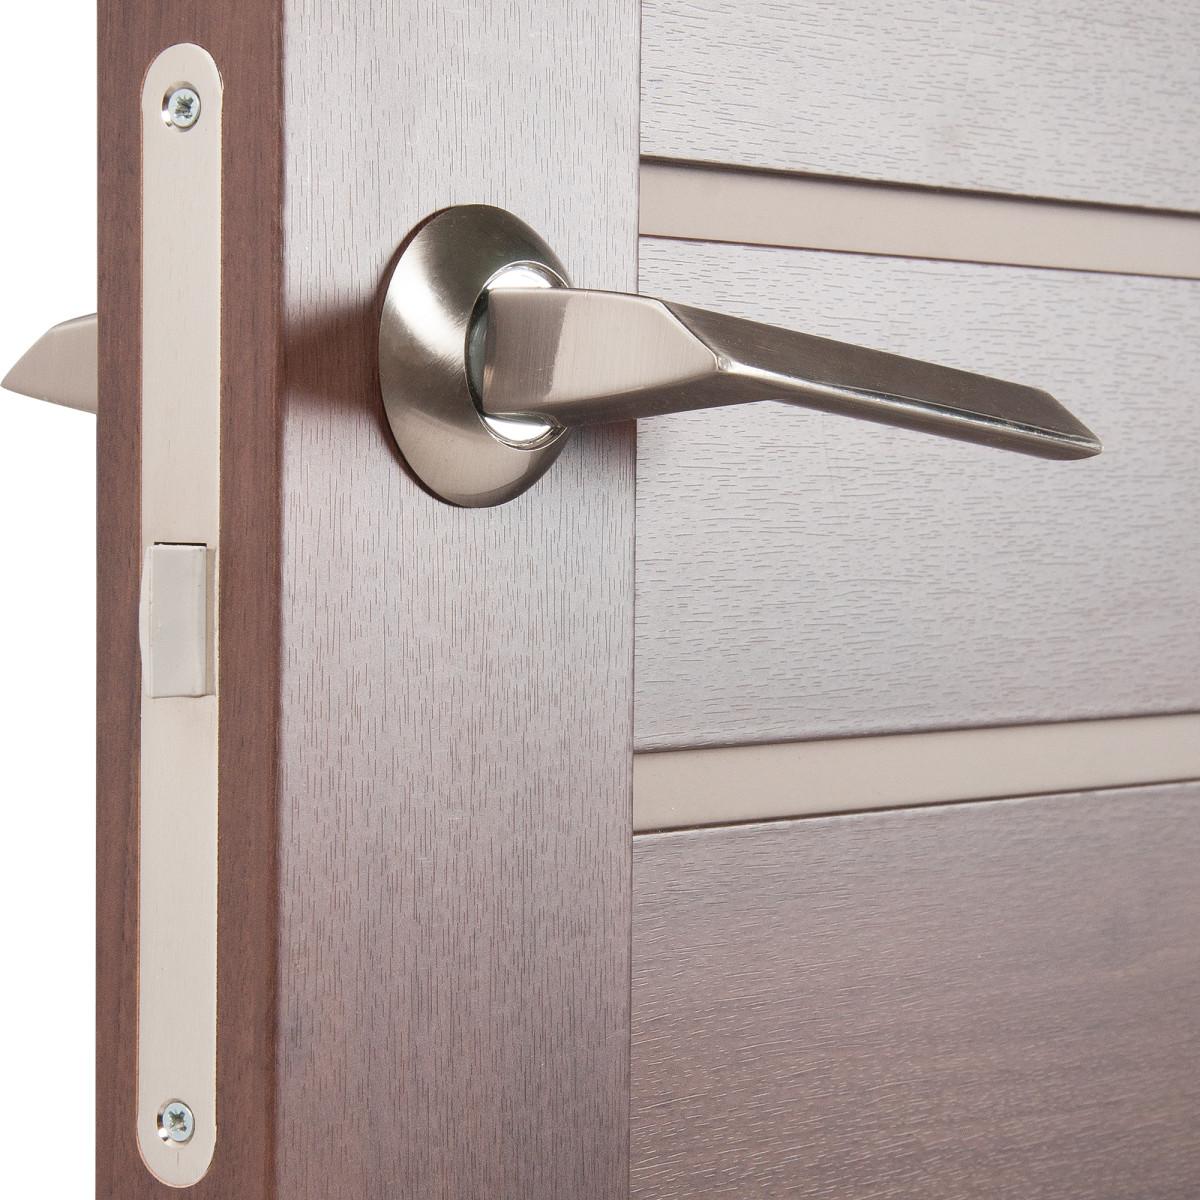 Дверь Межкомнатная Глухая Artens Велдон 70x200 Цвет Мокко/Бронза